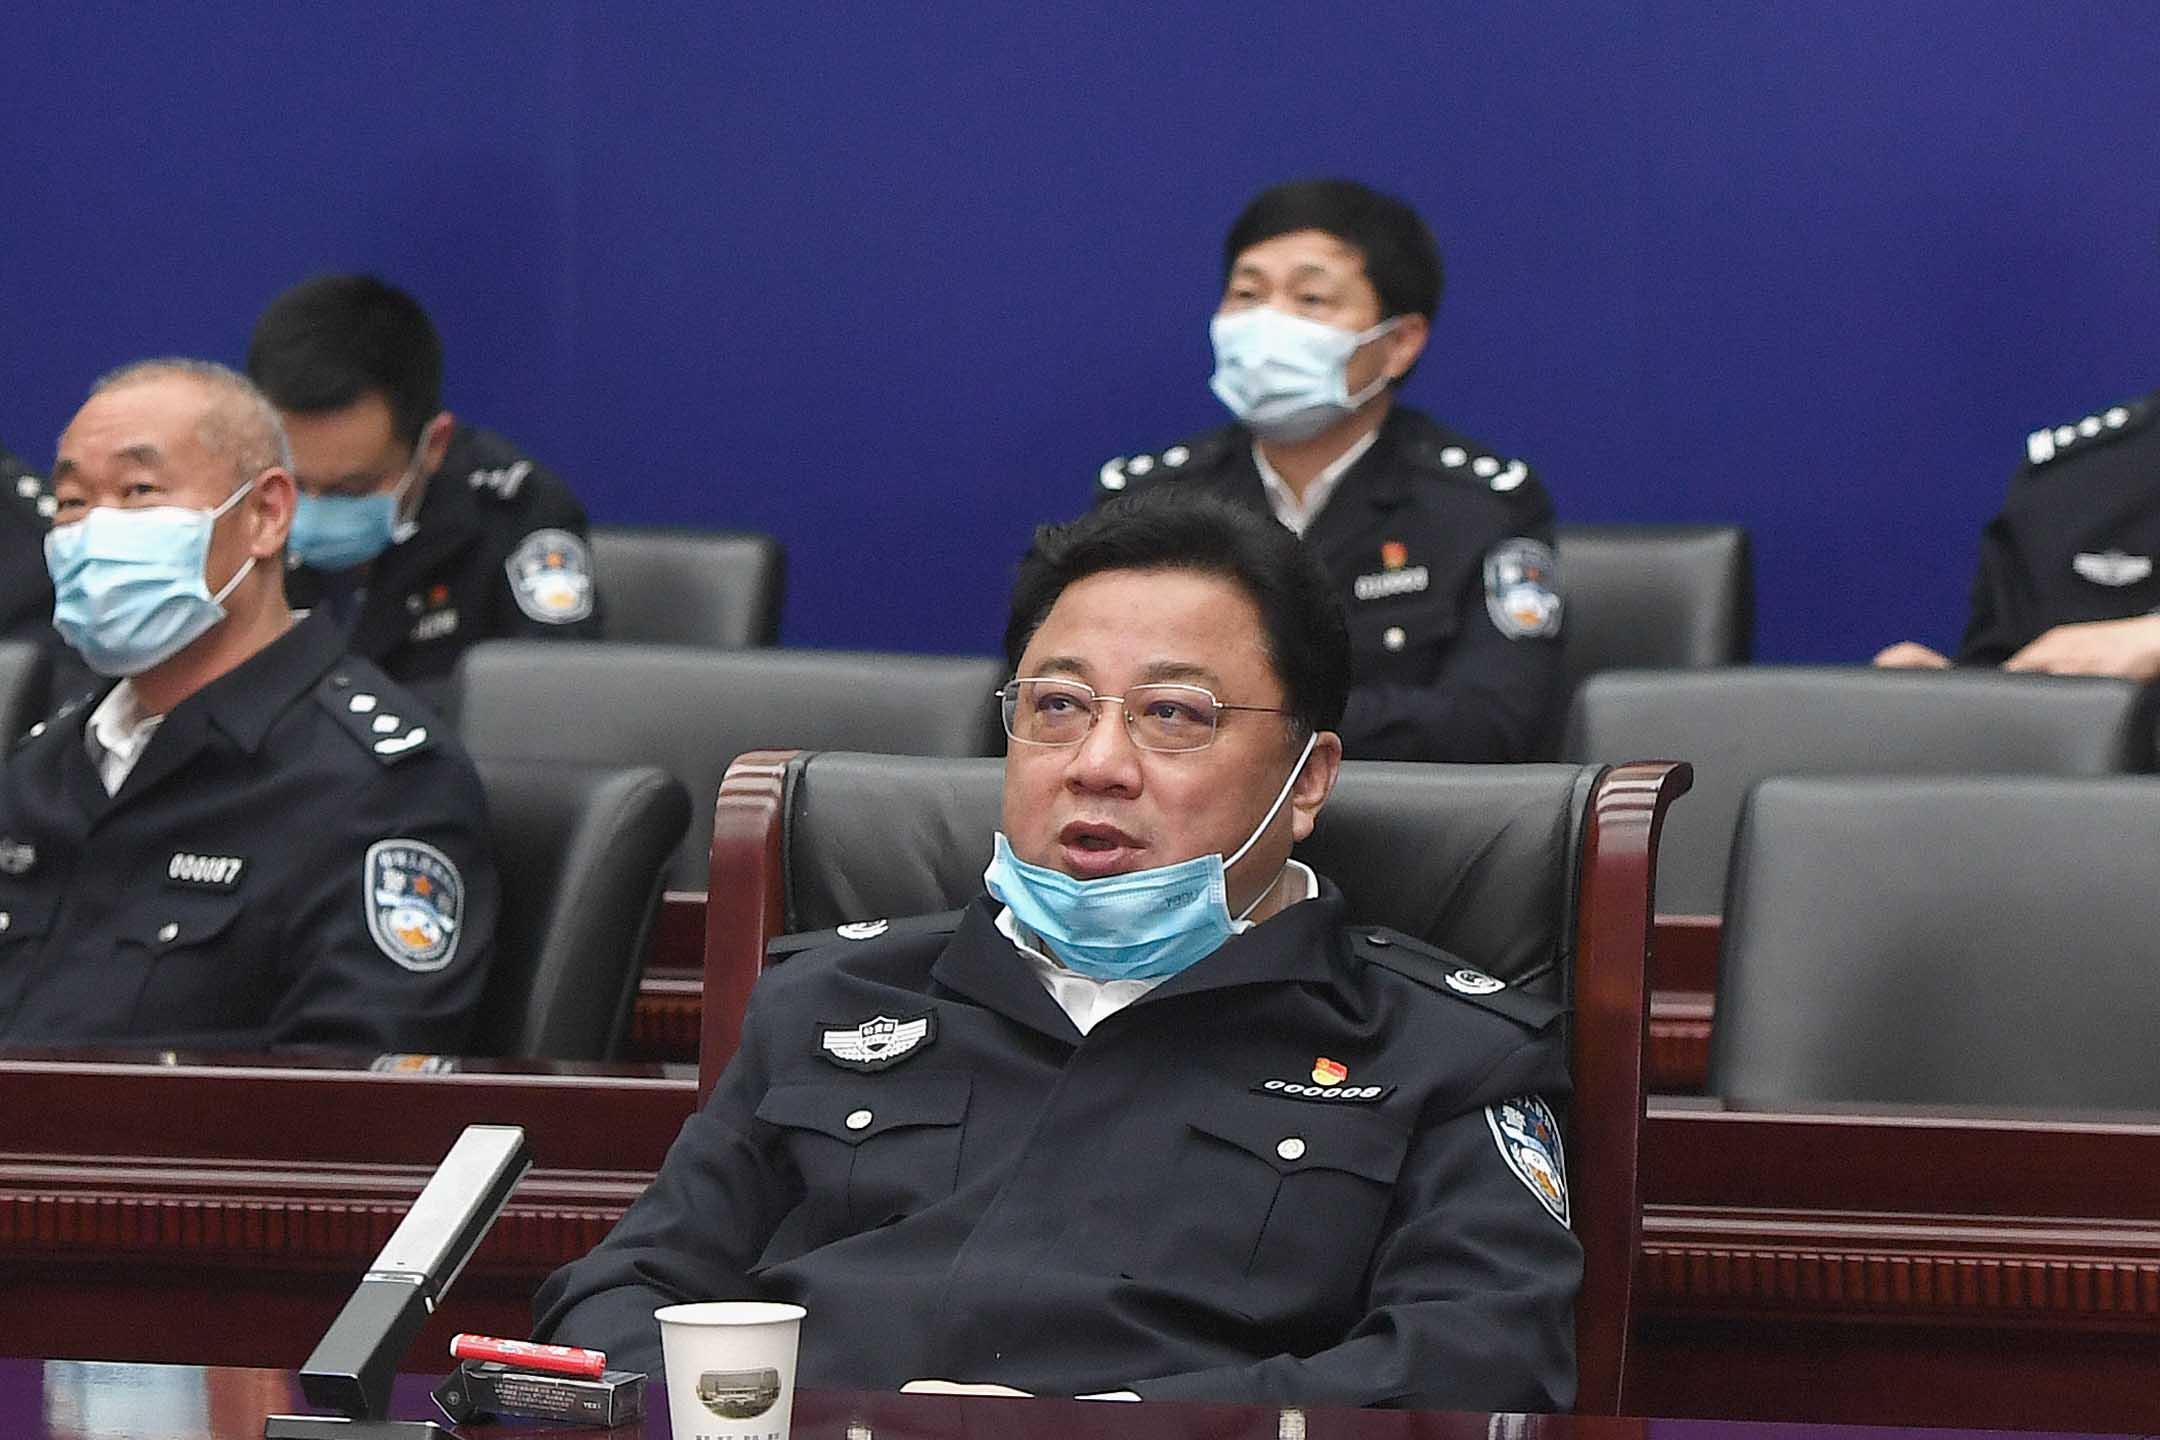 2020年4月7日中國武漢,公安部副部長孫立軍於武漢市舉行的一次會議上。